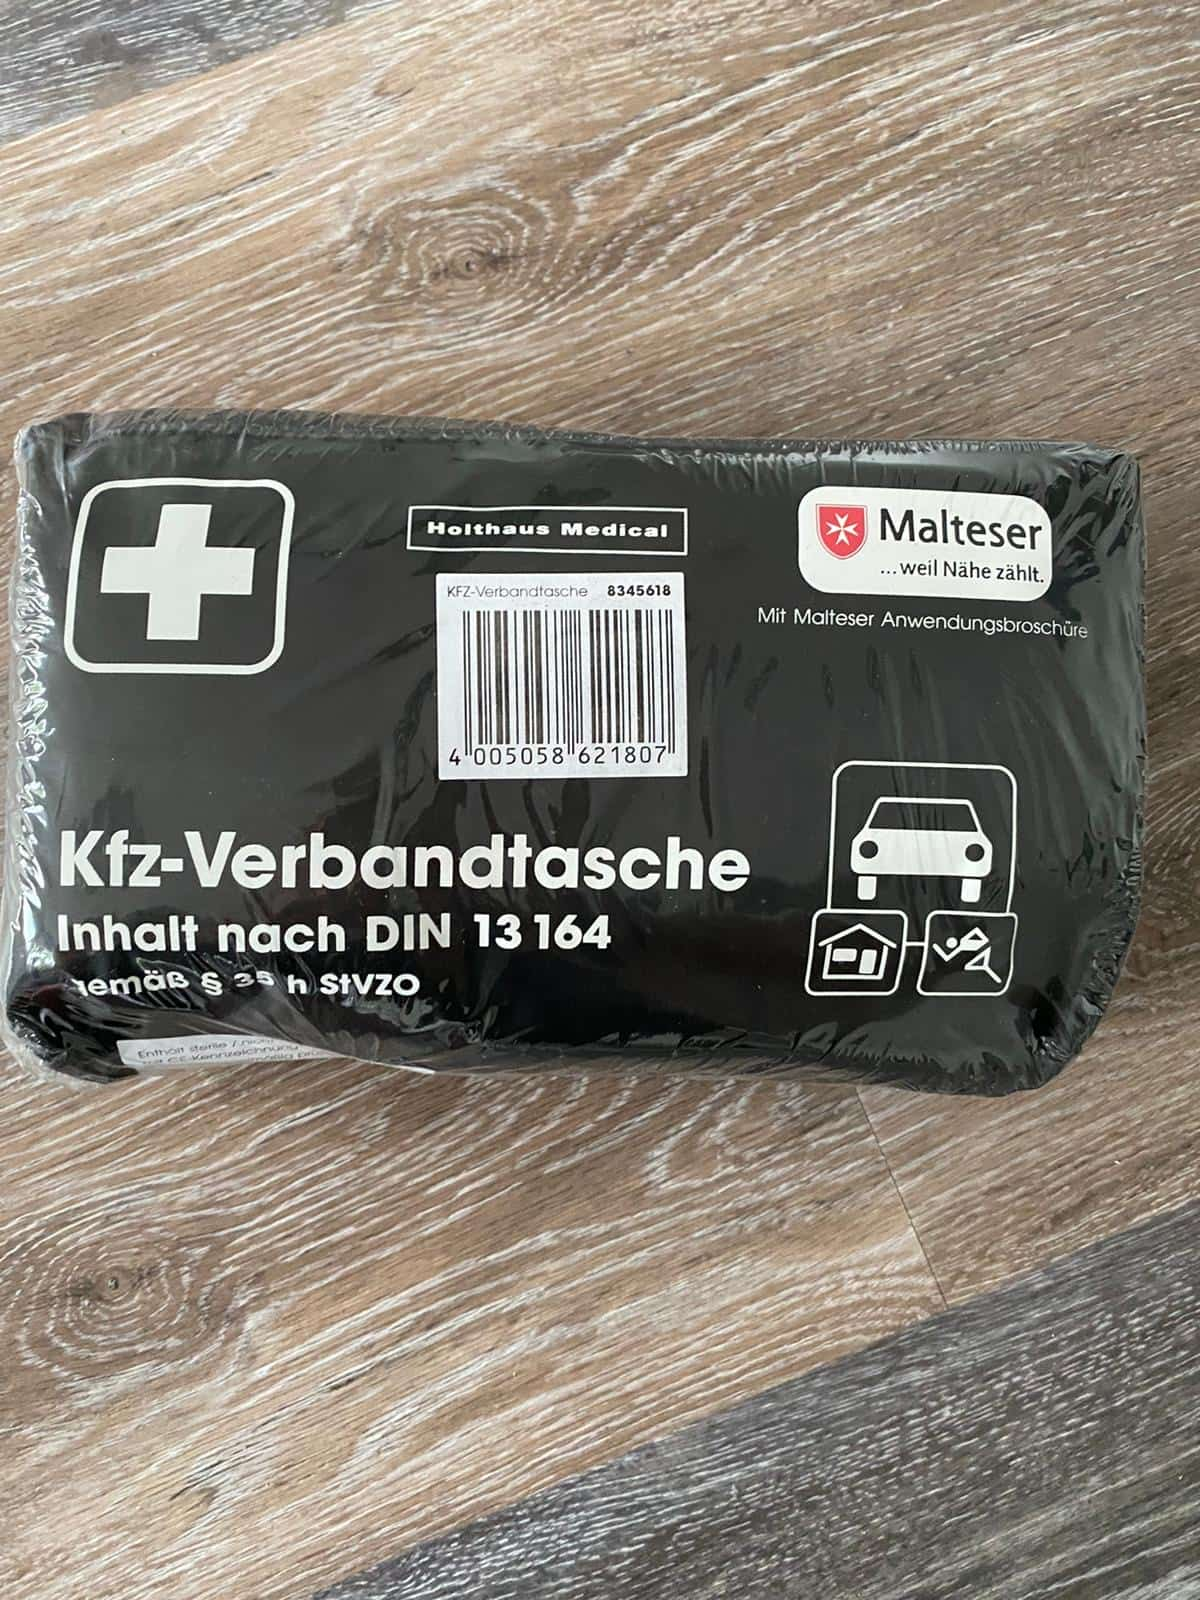 KfZ-Verbandtasche